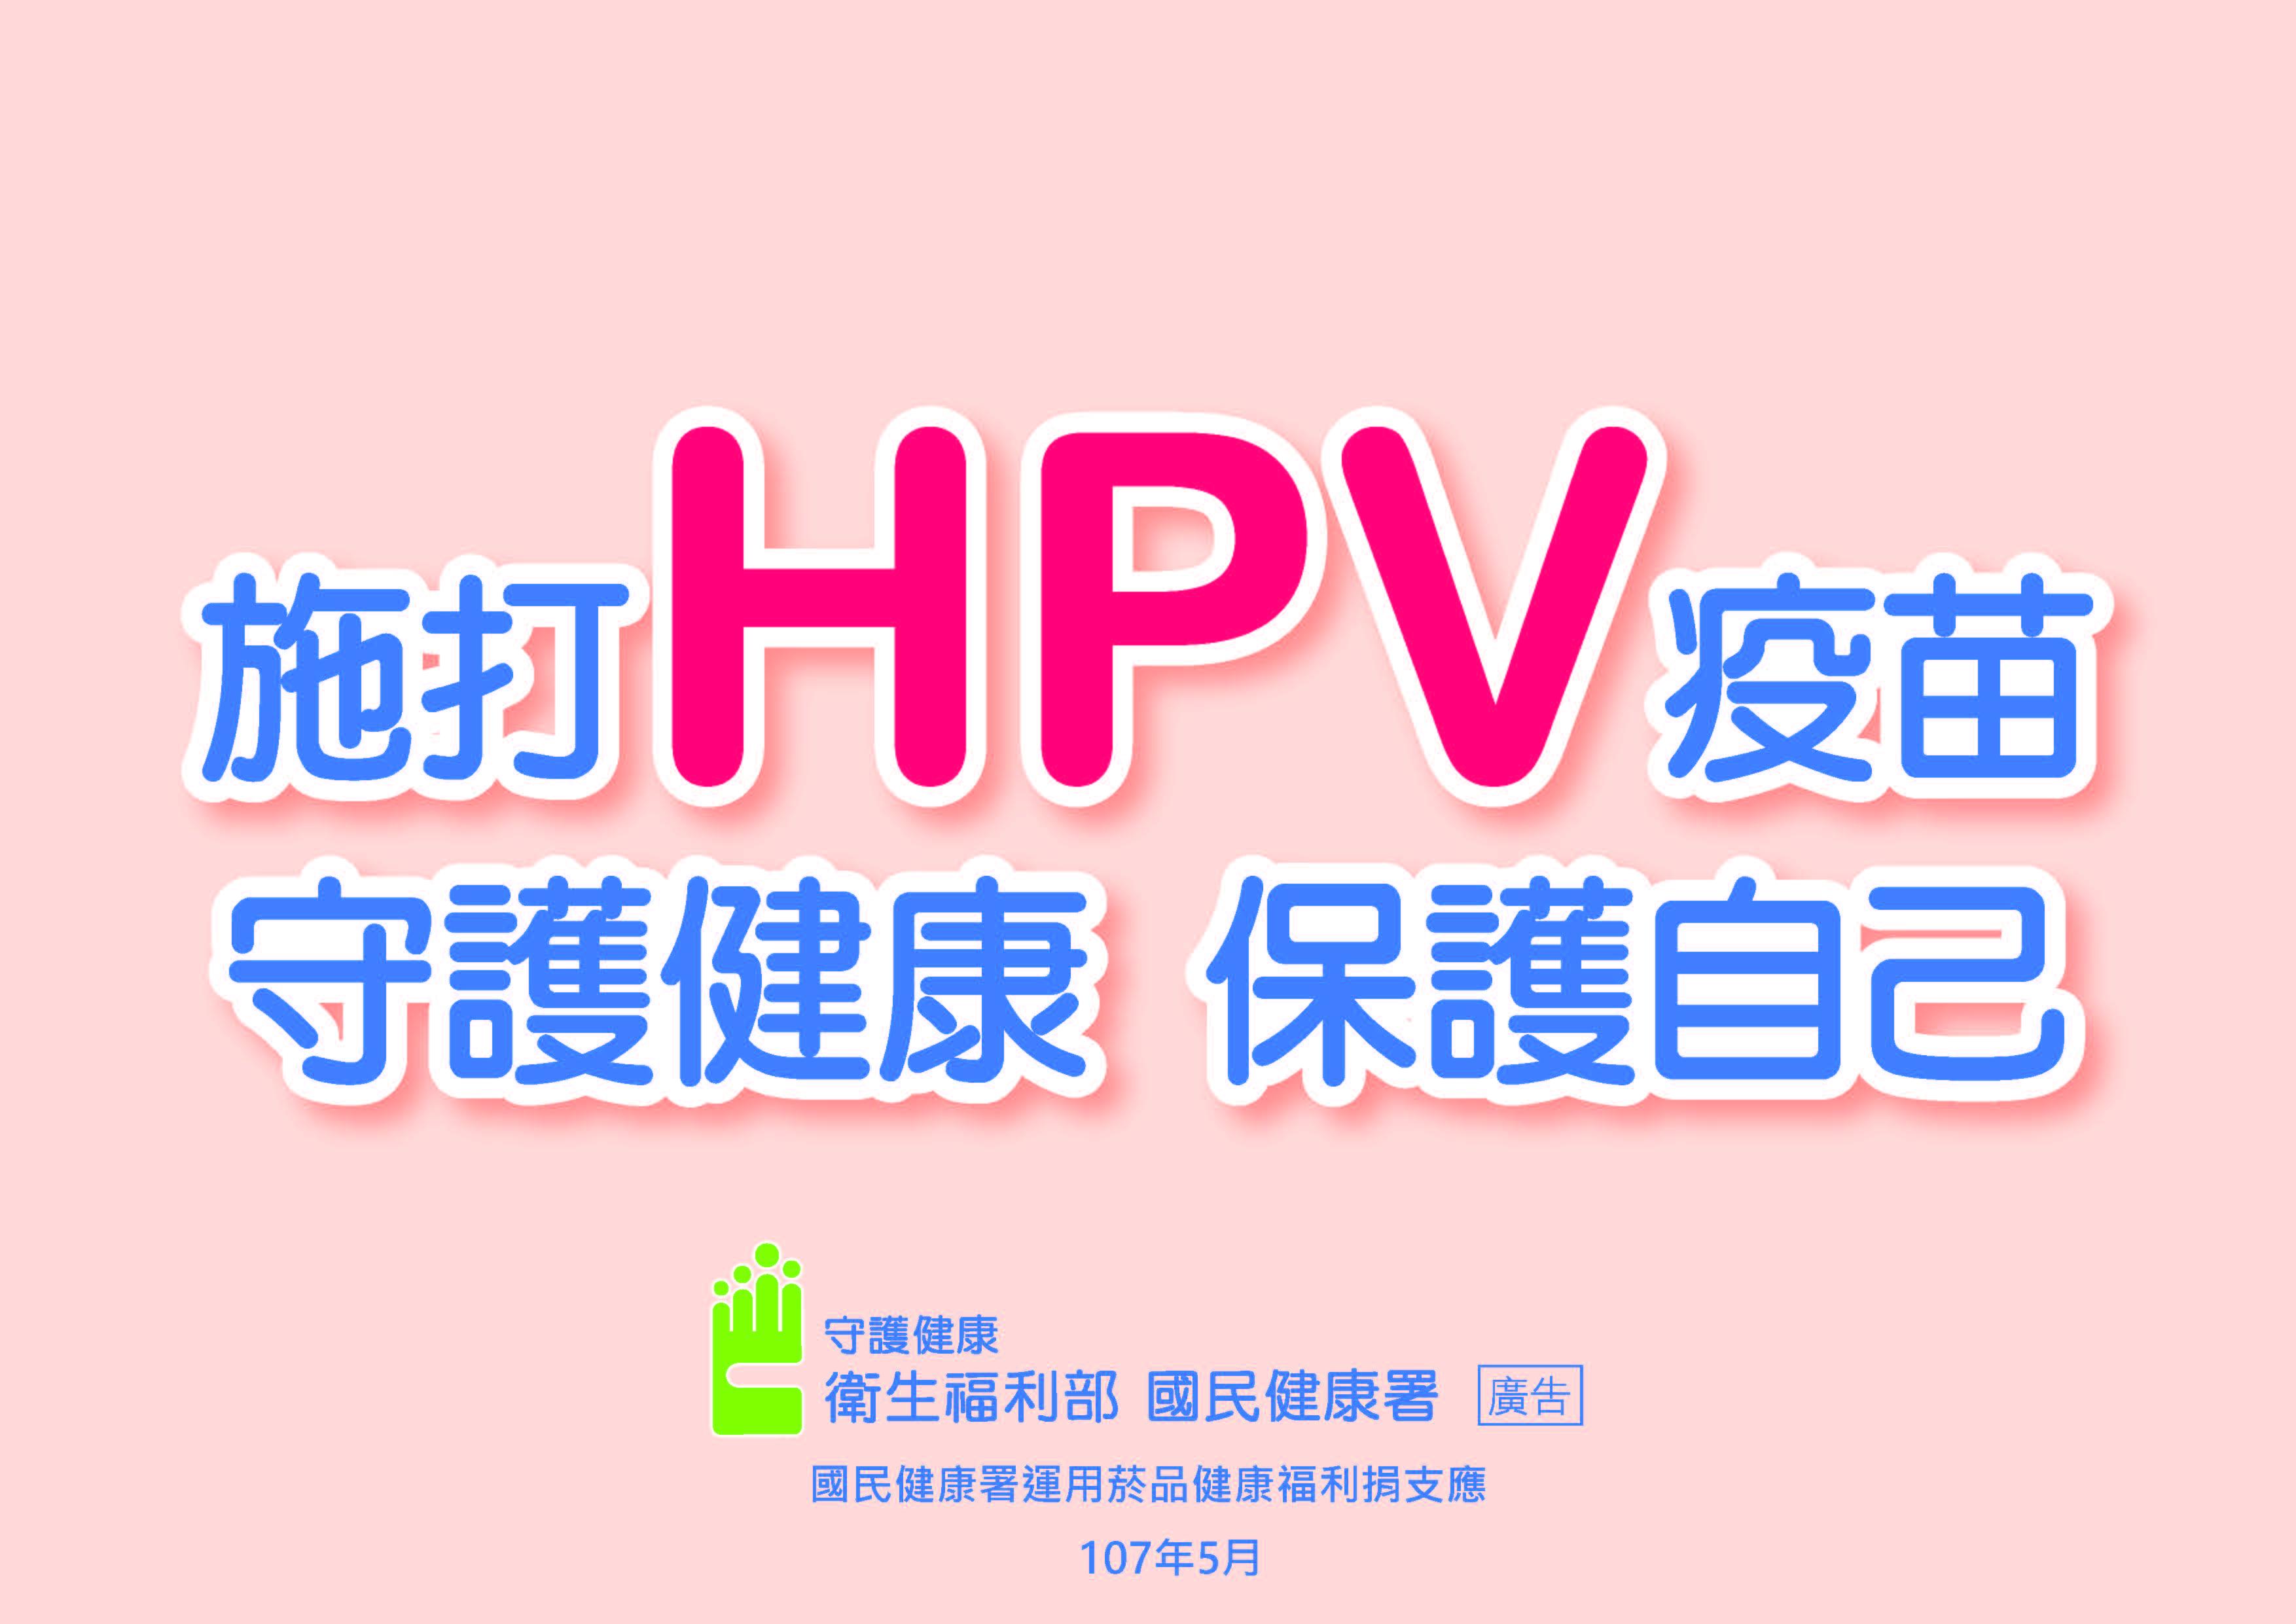 施打HPV疫苗 守護健康 保護自己